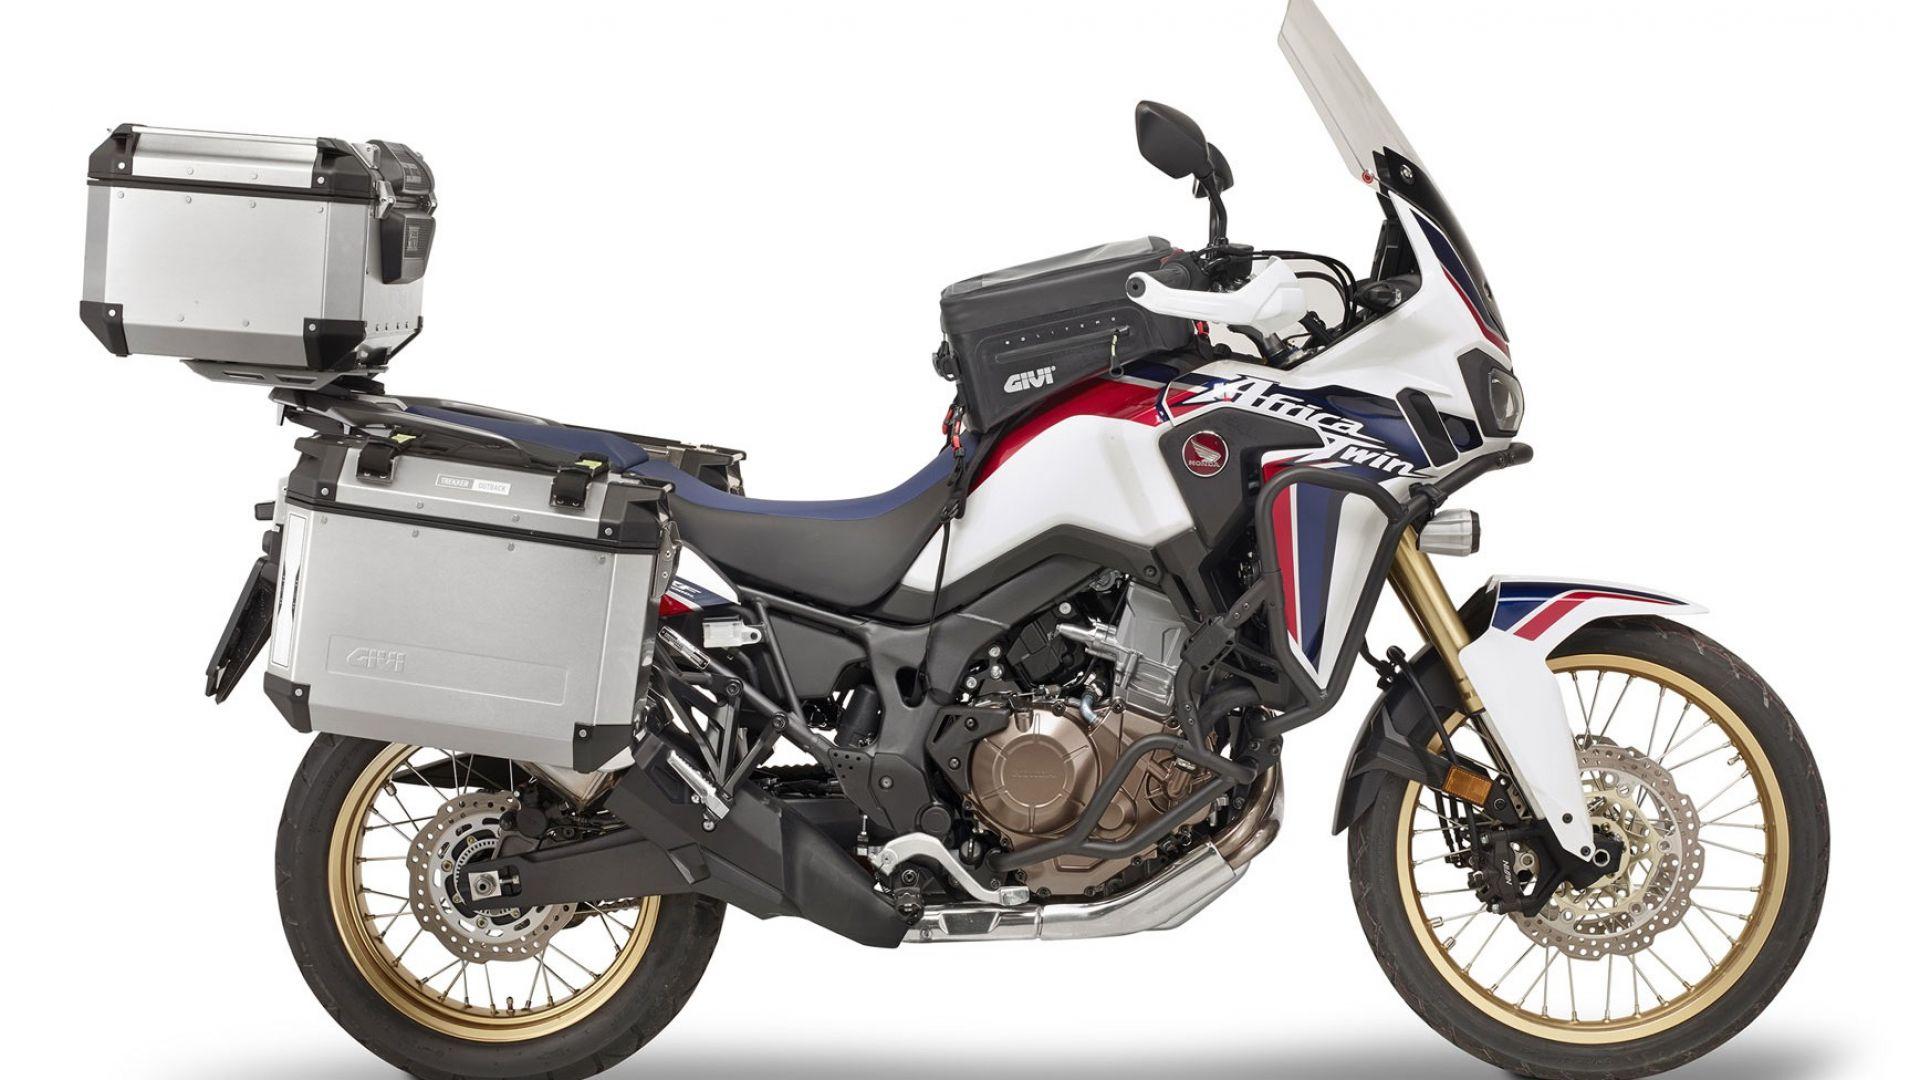 accessori moto givi a motodays 2016 un kit di accessori per africa twin motorbox. Black Bedroom Furniture Sets. Home Design Ideas